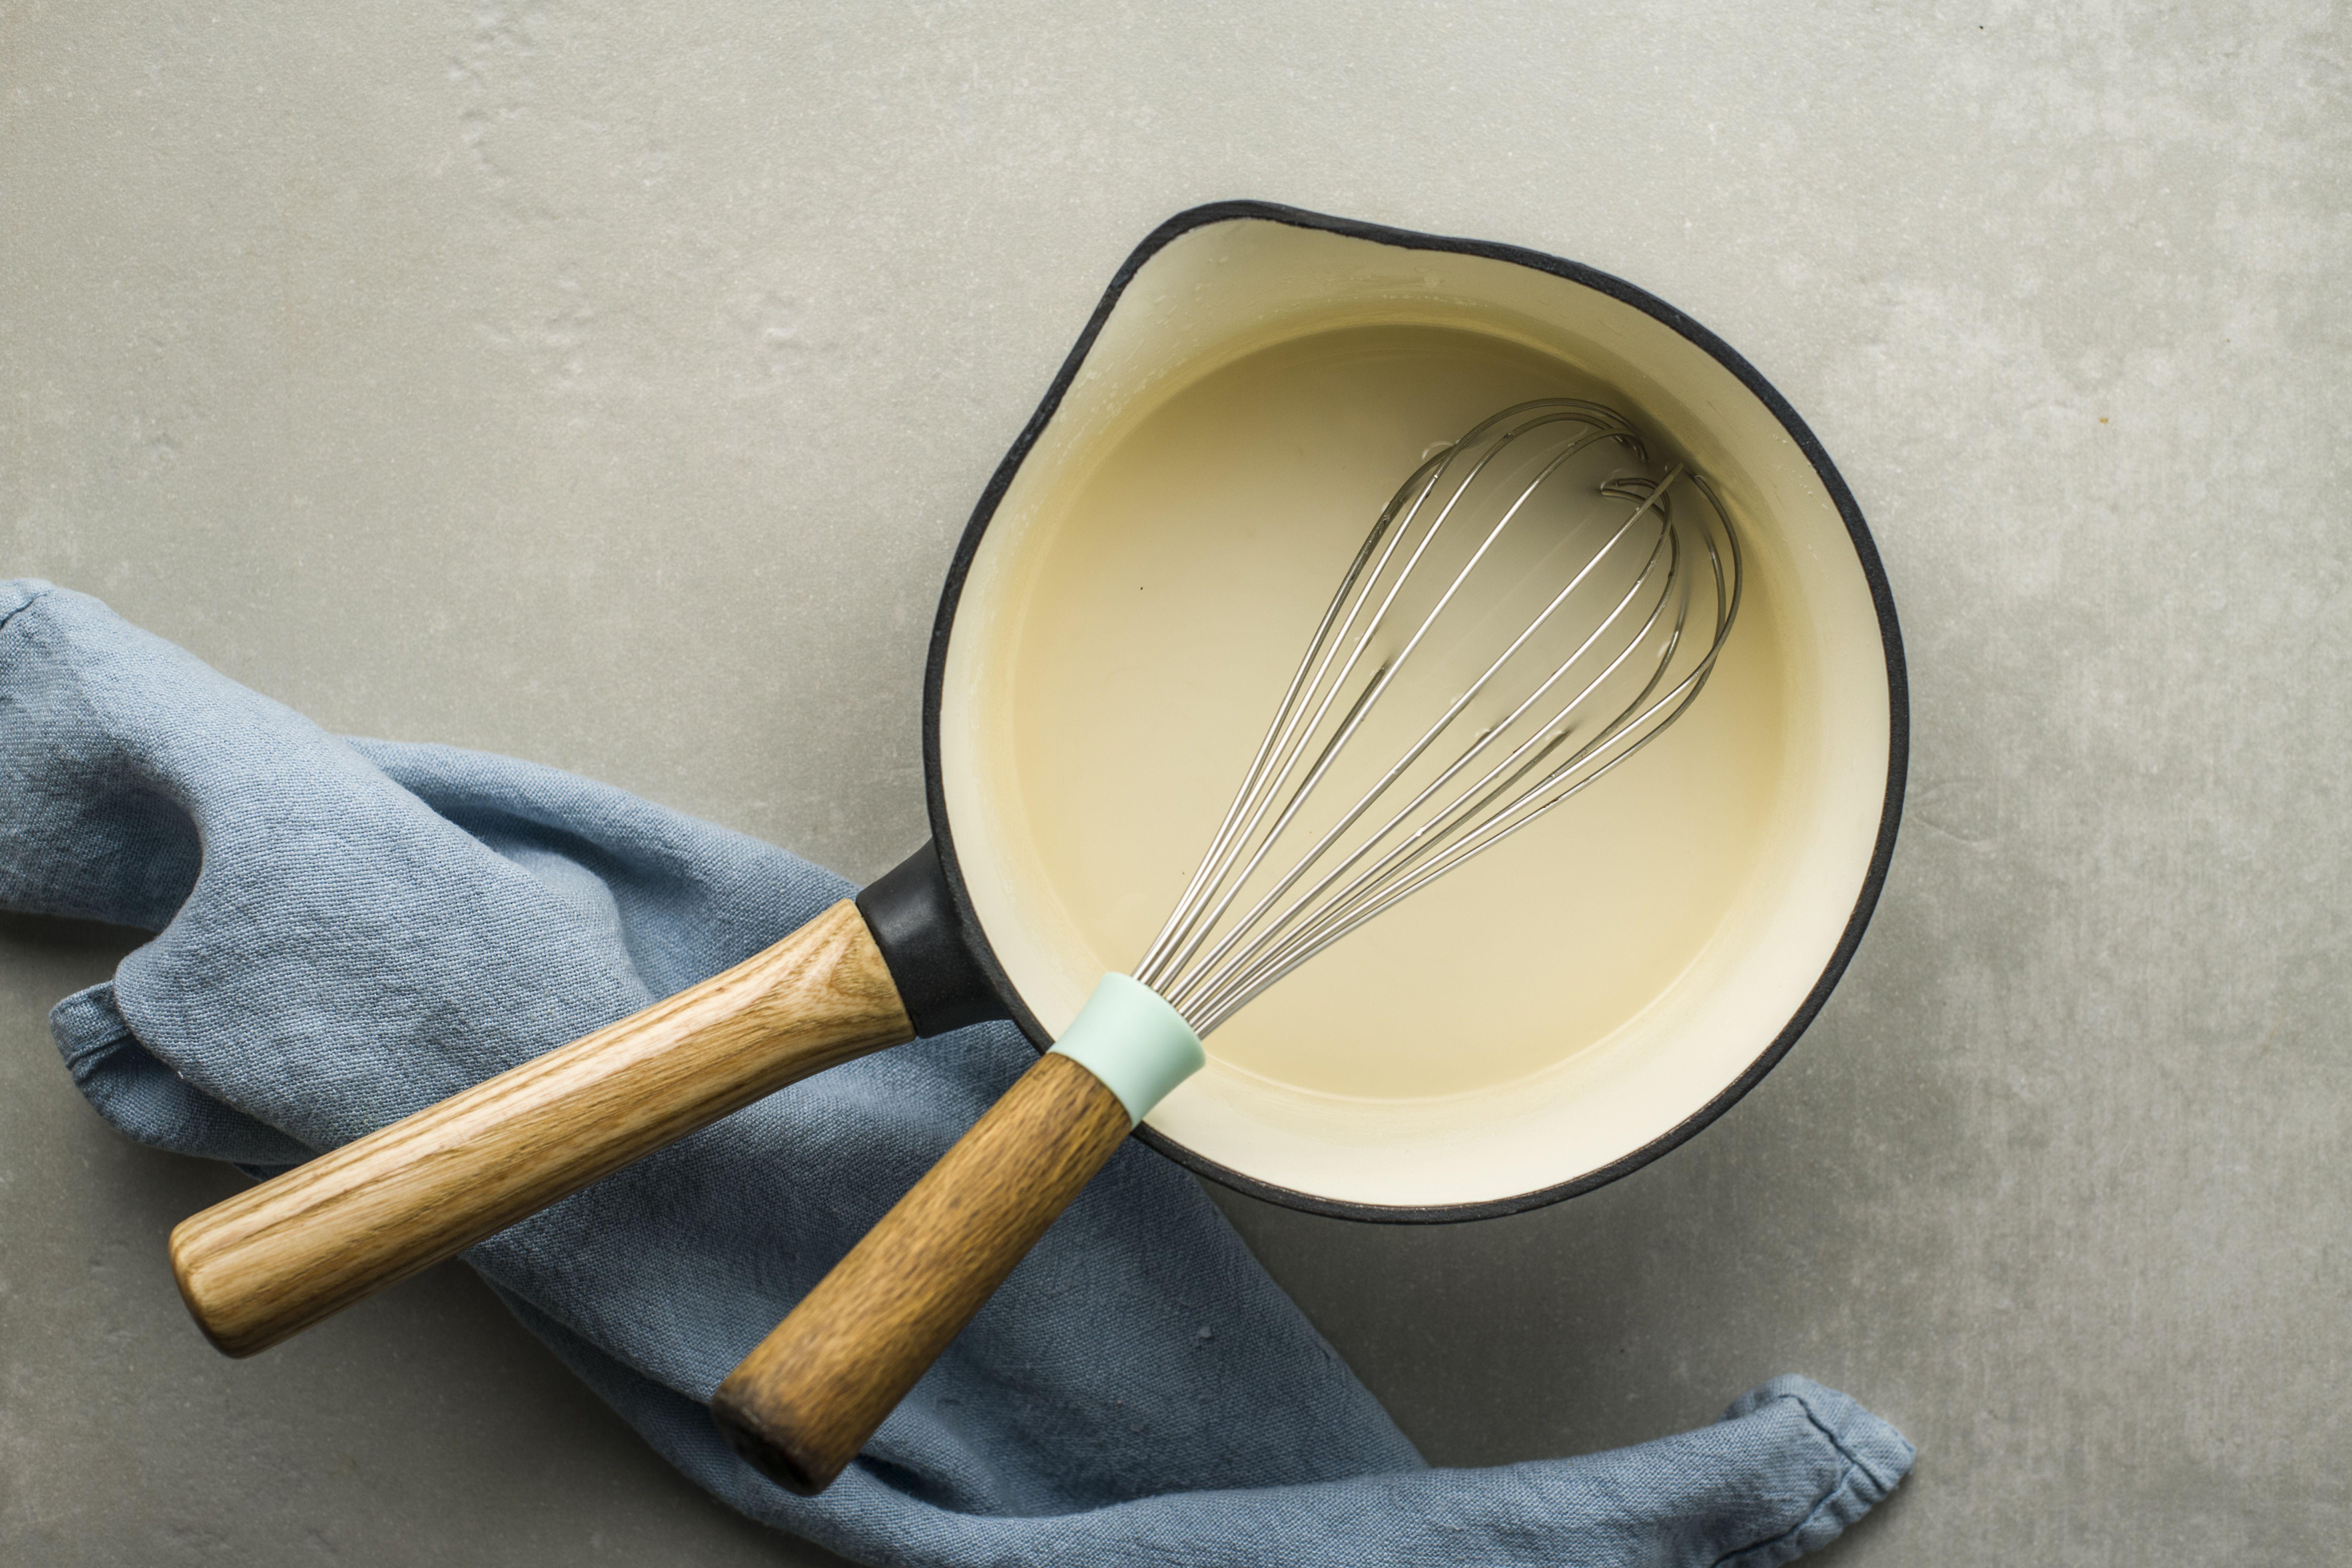 Whisk ingredients together for lemon dessert sauce